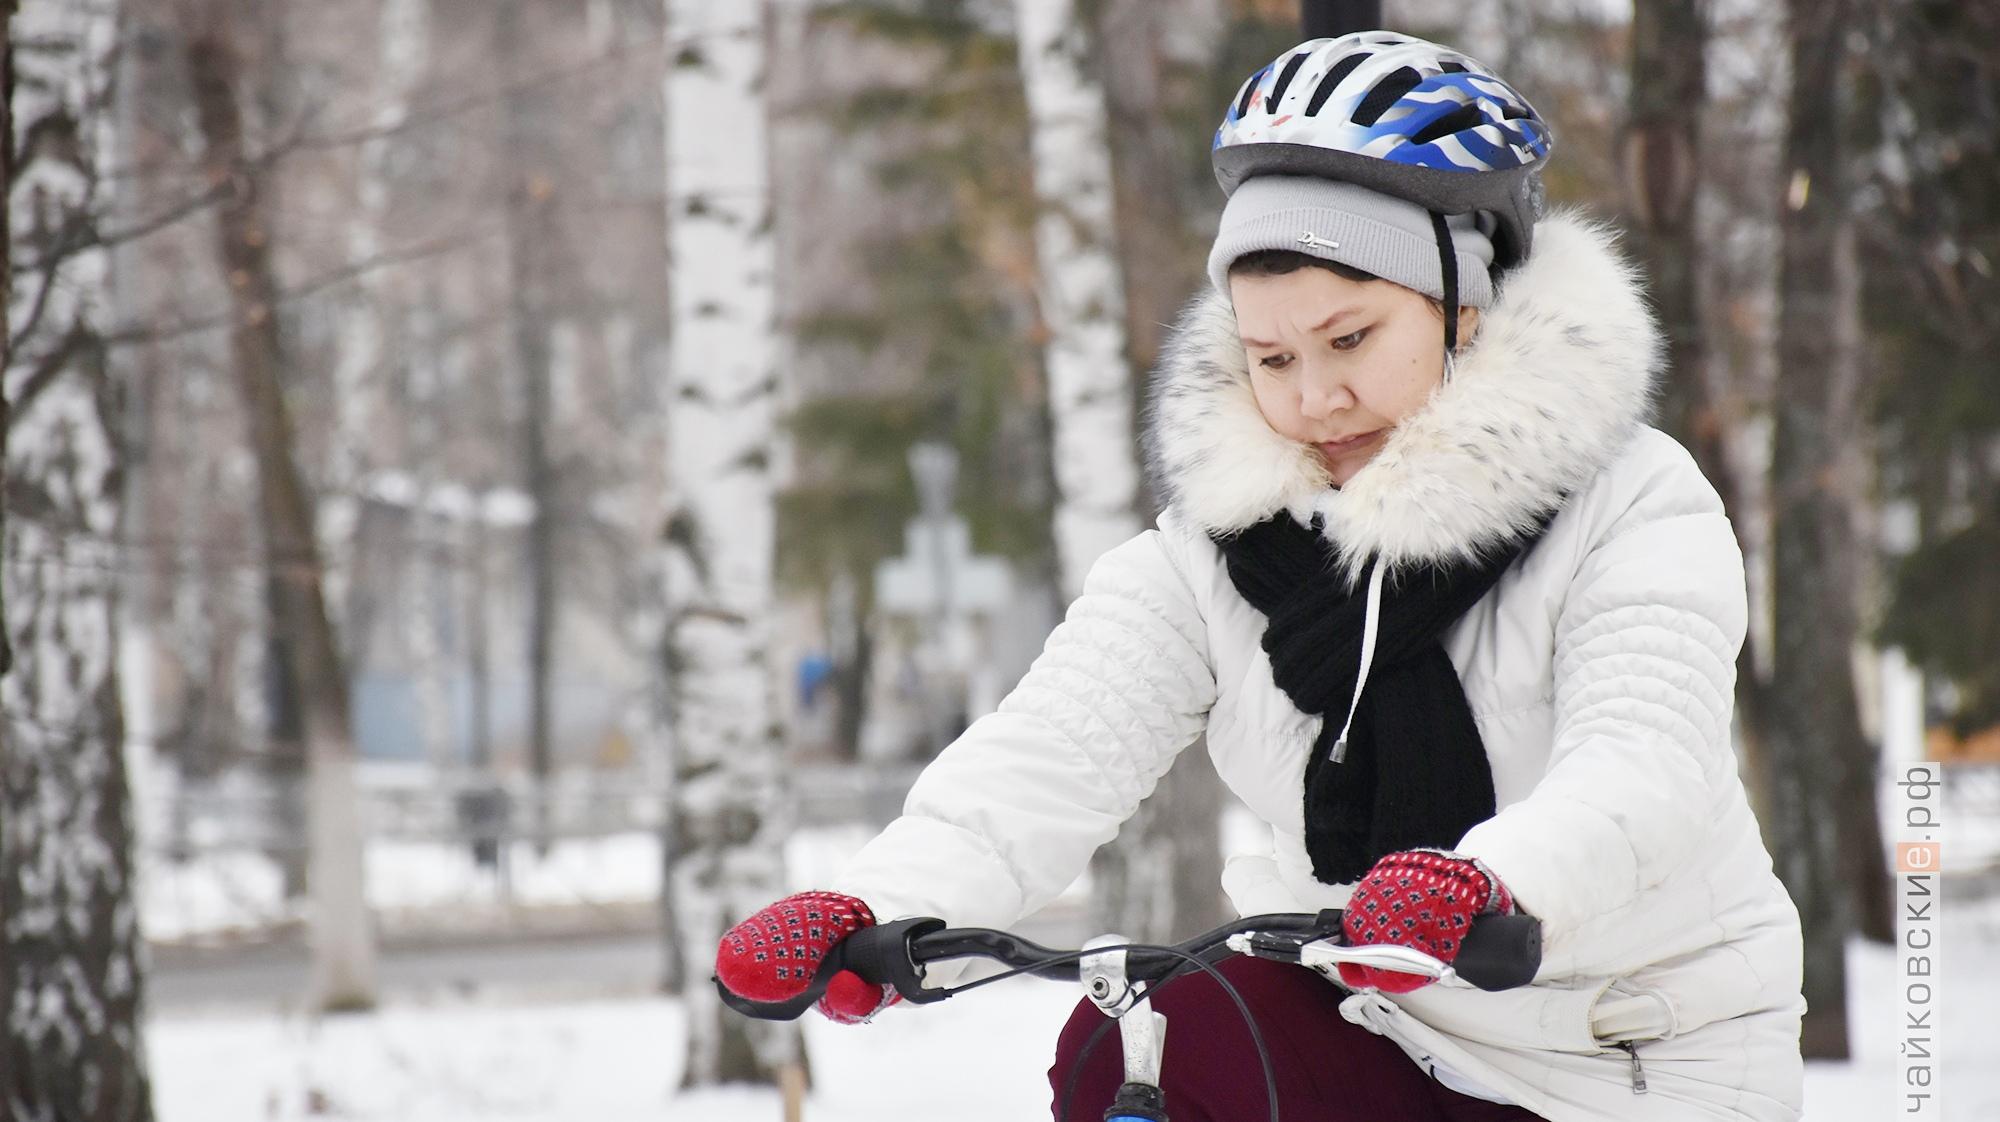 снежная гонка, трициклы, чайковский район, 2019 год